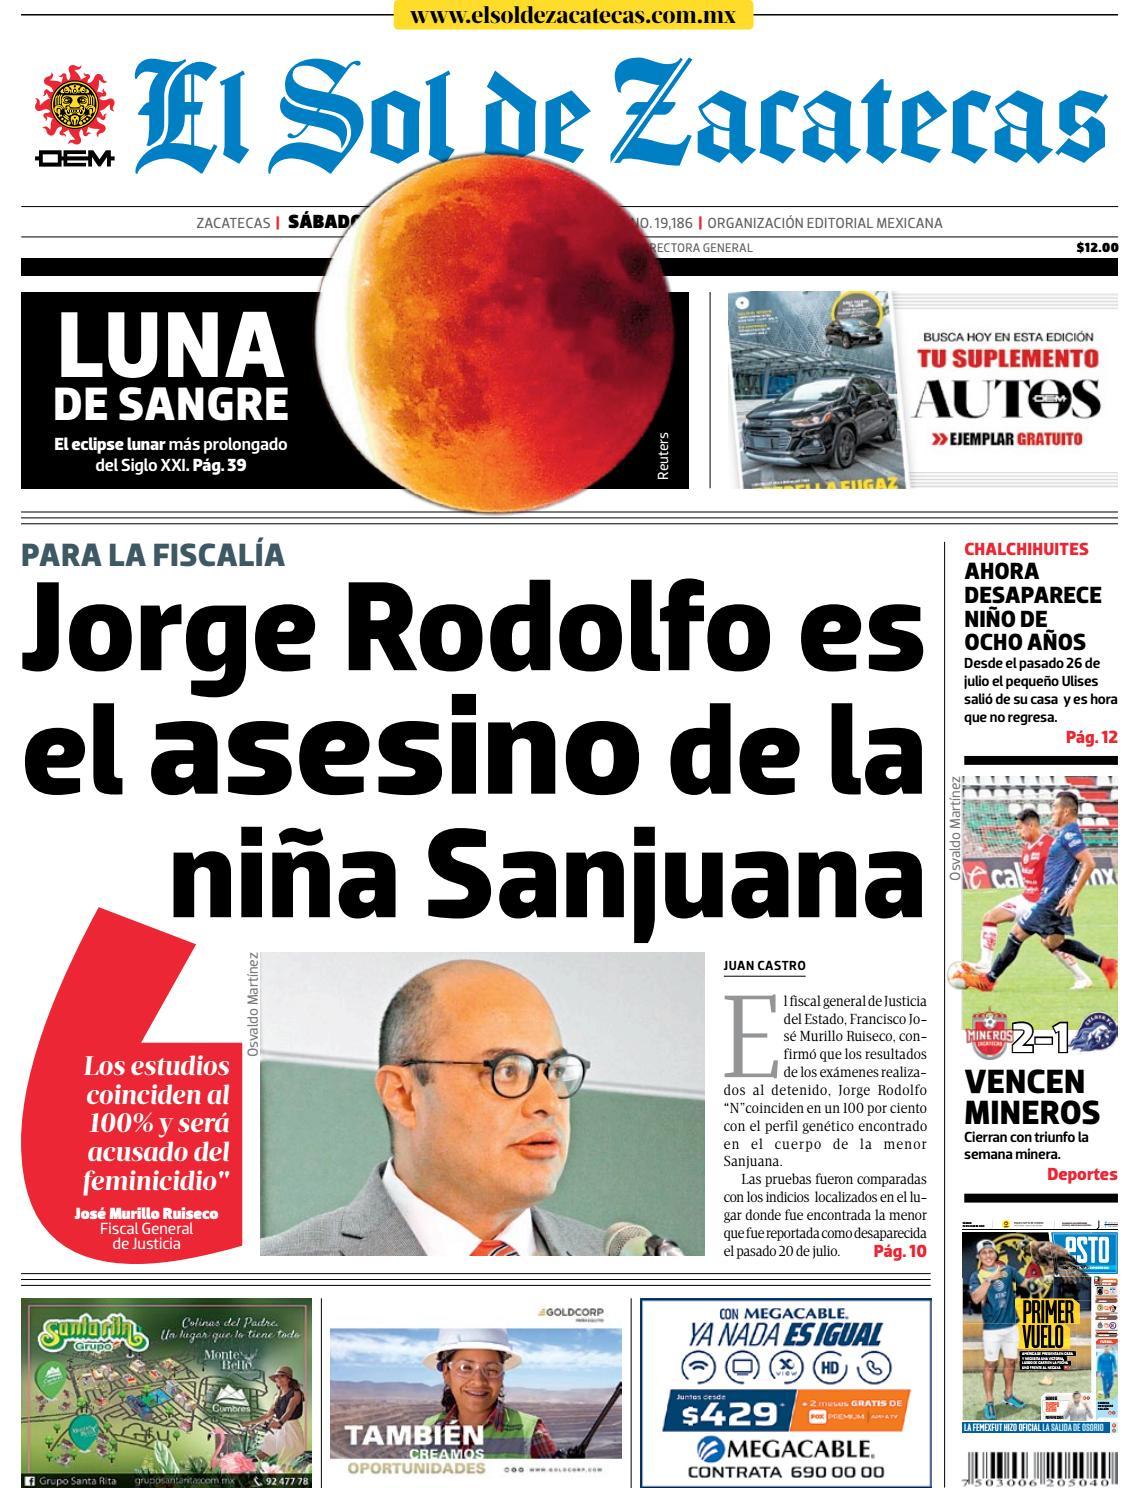 beda81a09f3 El Sol de Zacatecas 28 de julio 2018 by El Sol de Zacatecas - issuu